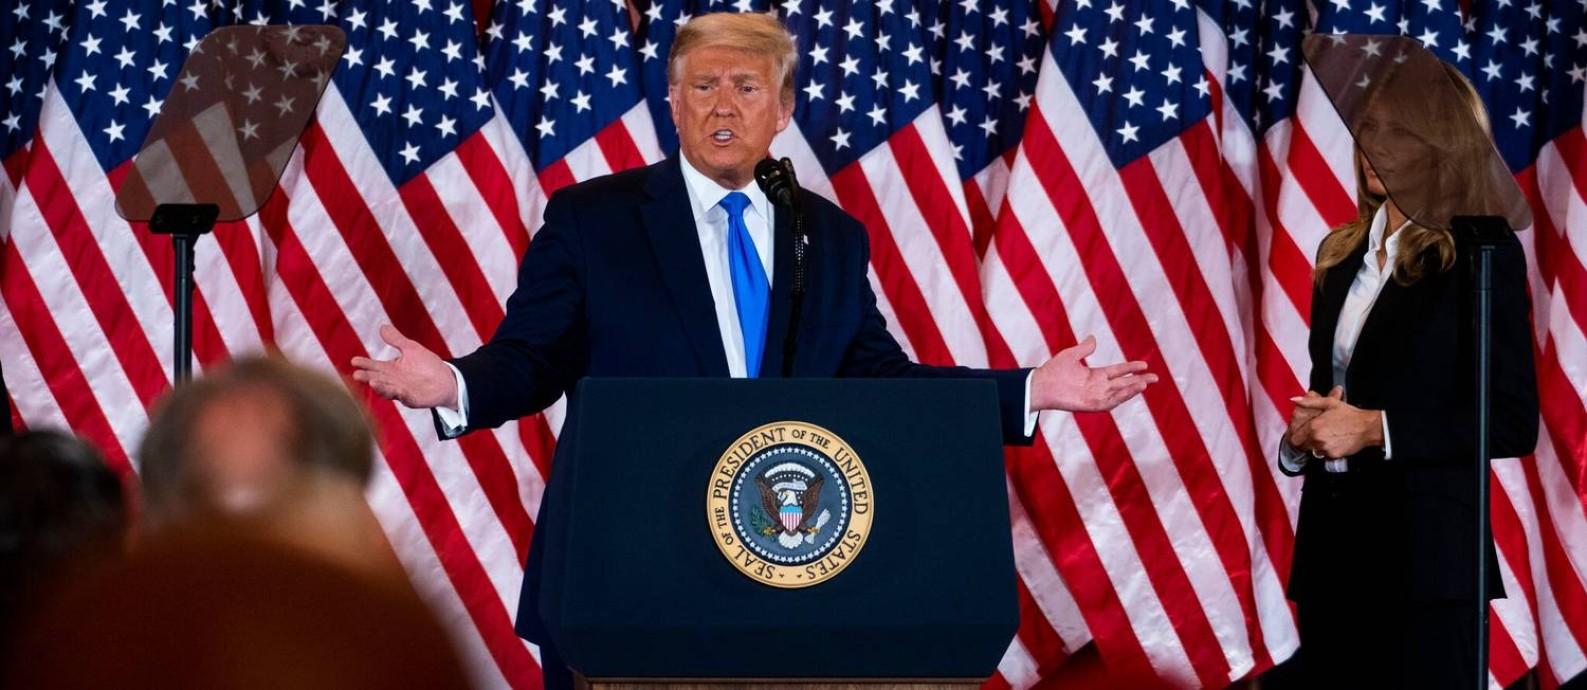 Ao levantar a possibilidade de que ele teria que ser forçado a deixar o cargo, o presidente Donald Trump destruiu uma tradição democrática fundamental Foto: Doug Mills / The New York Times